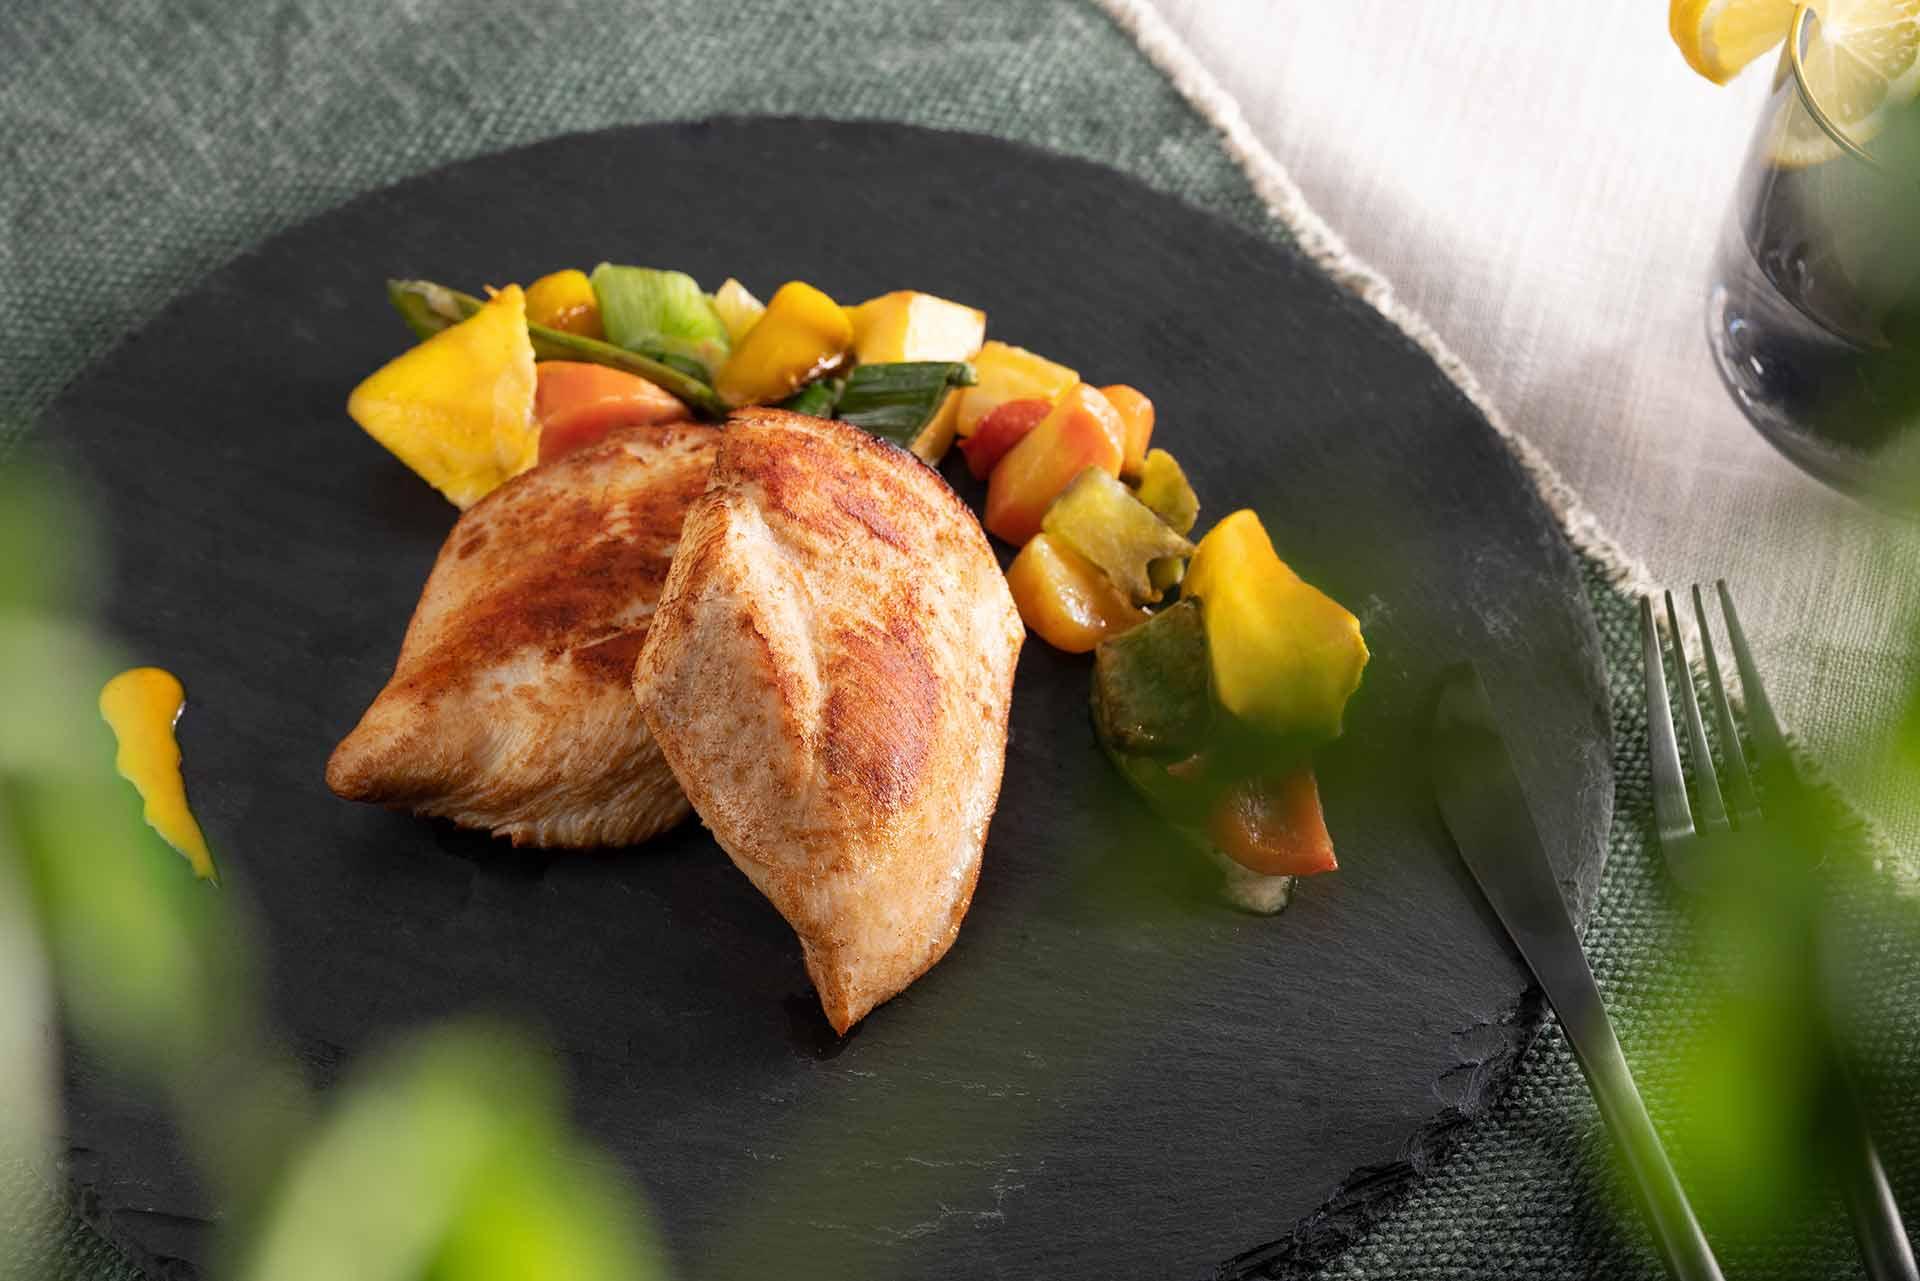 Hähnchenbrustfilets, gebraten, mit Beilage serviert